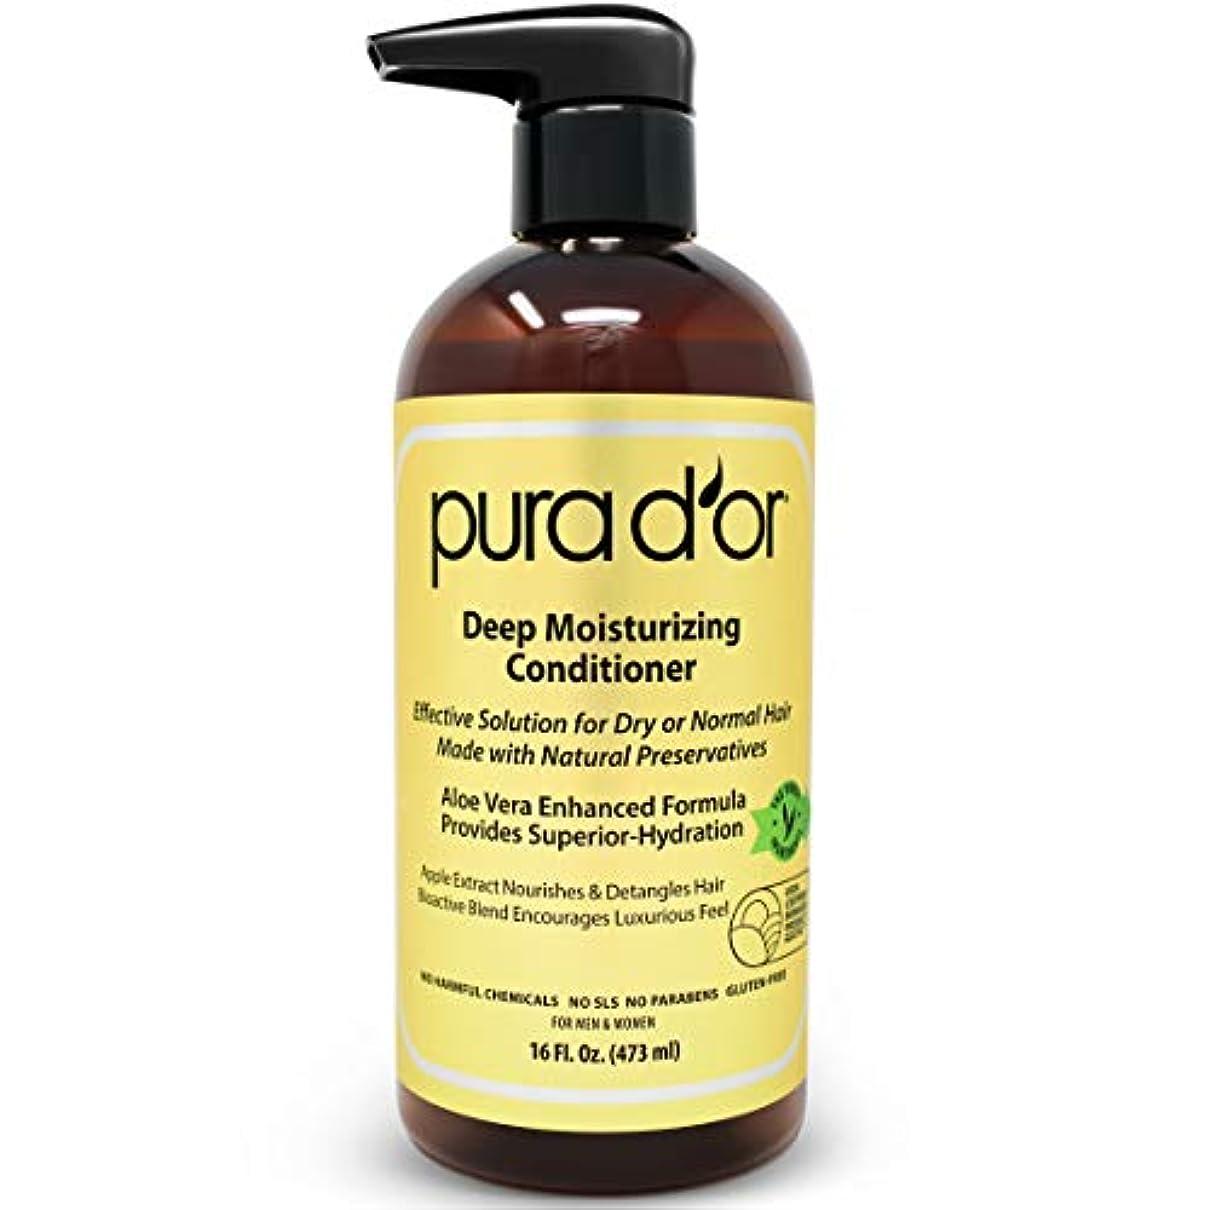 悩む玉ねぎ年齢PURA D'OR Deep Moisturizing Premium Organic Argan Oil & Aloe Vera Conditioner, 16 Fluid Ounce (473ml)プラドール ディープモイスチャライジング...